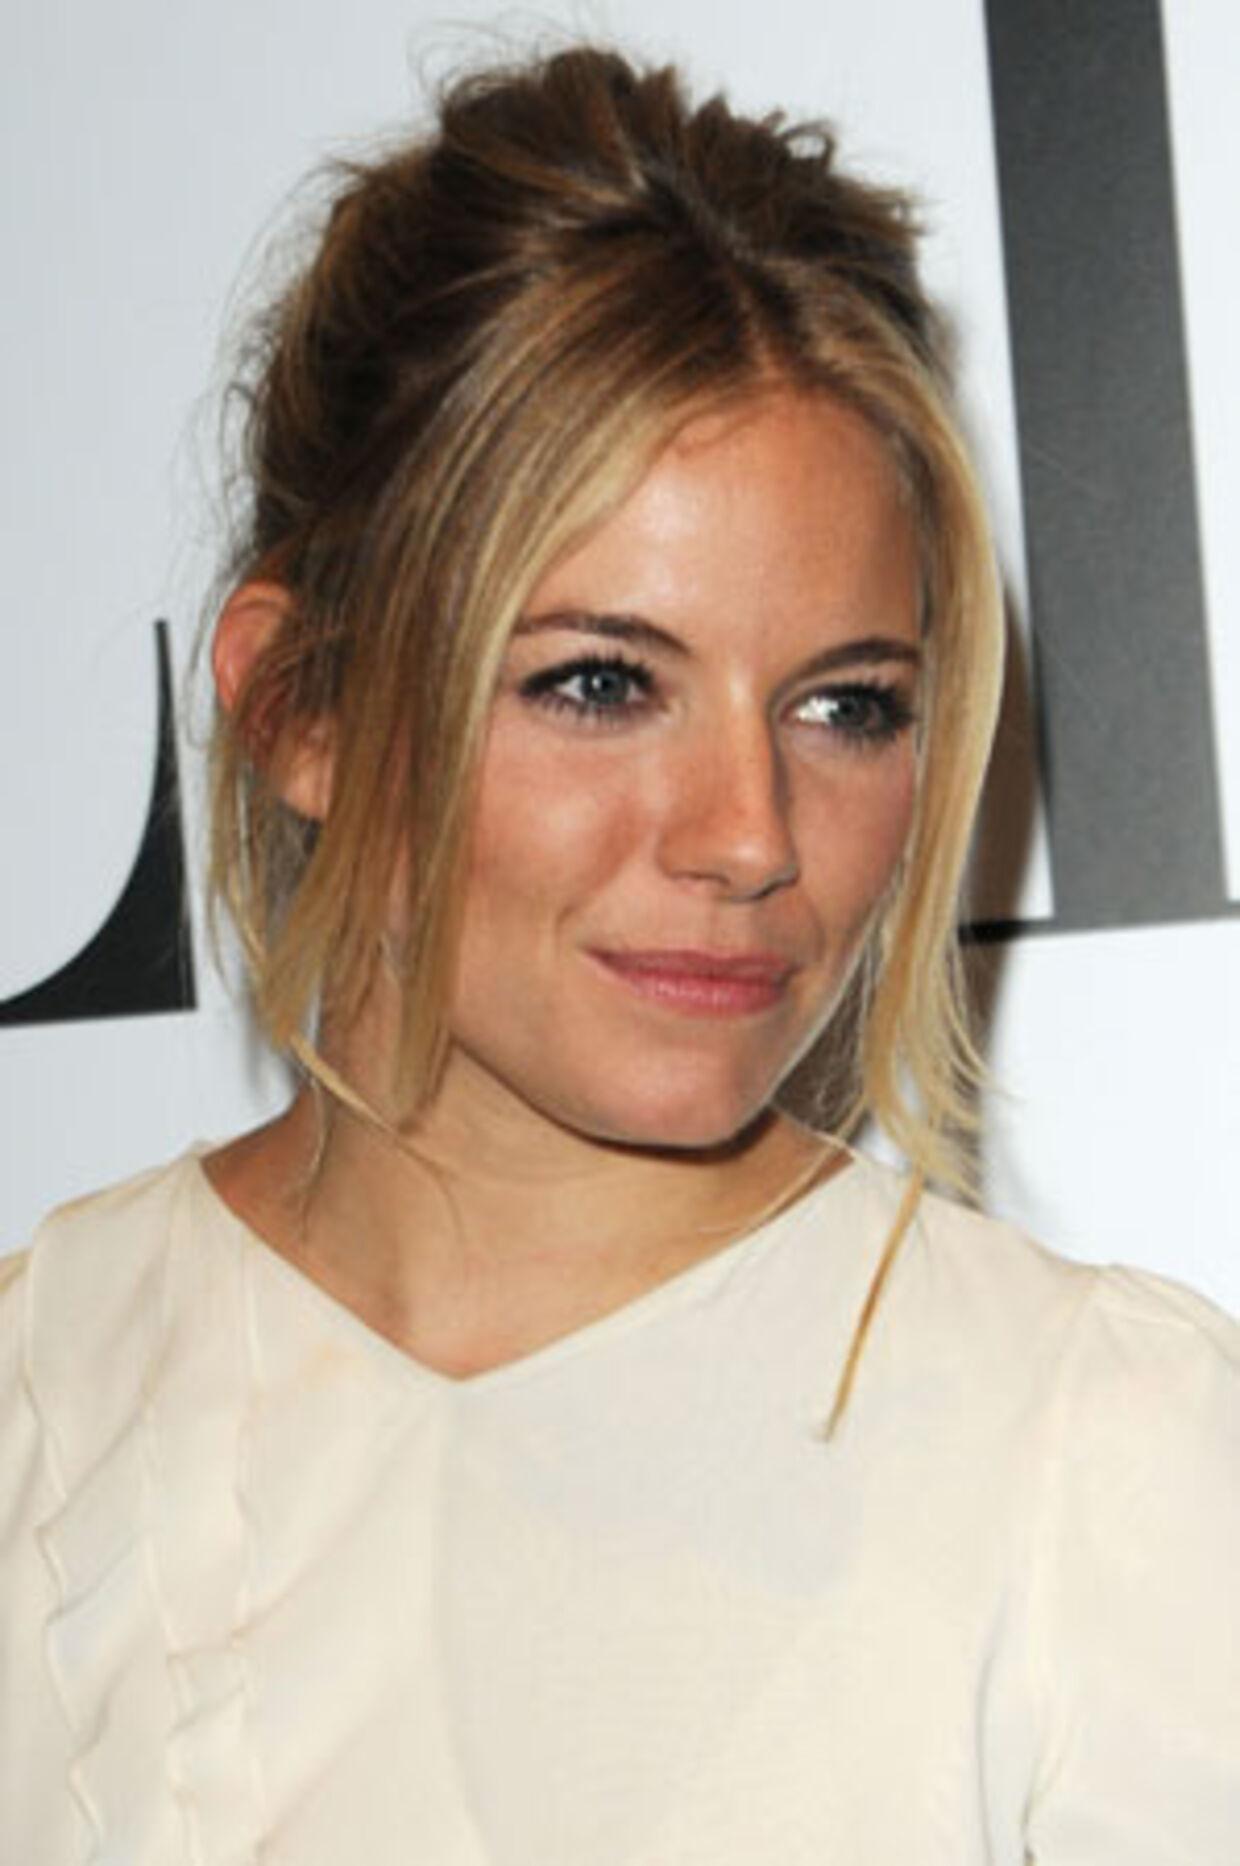 Sienna Miller skulle eftersigende date skuespiller, oliearving og familiefar Balthazar Getty.